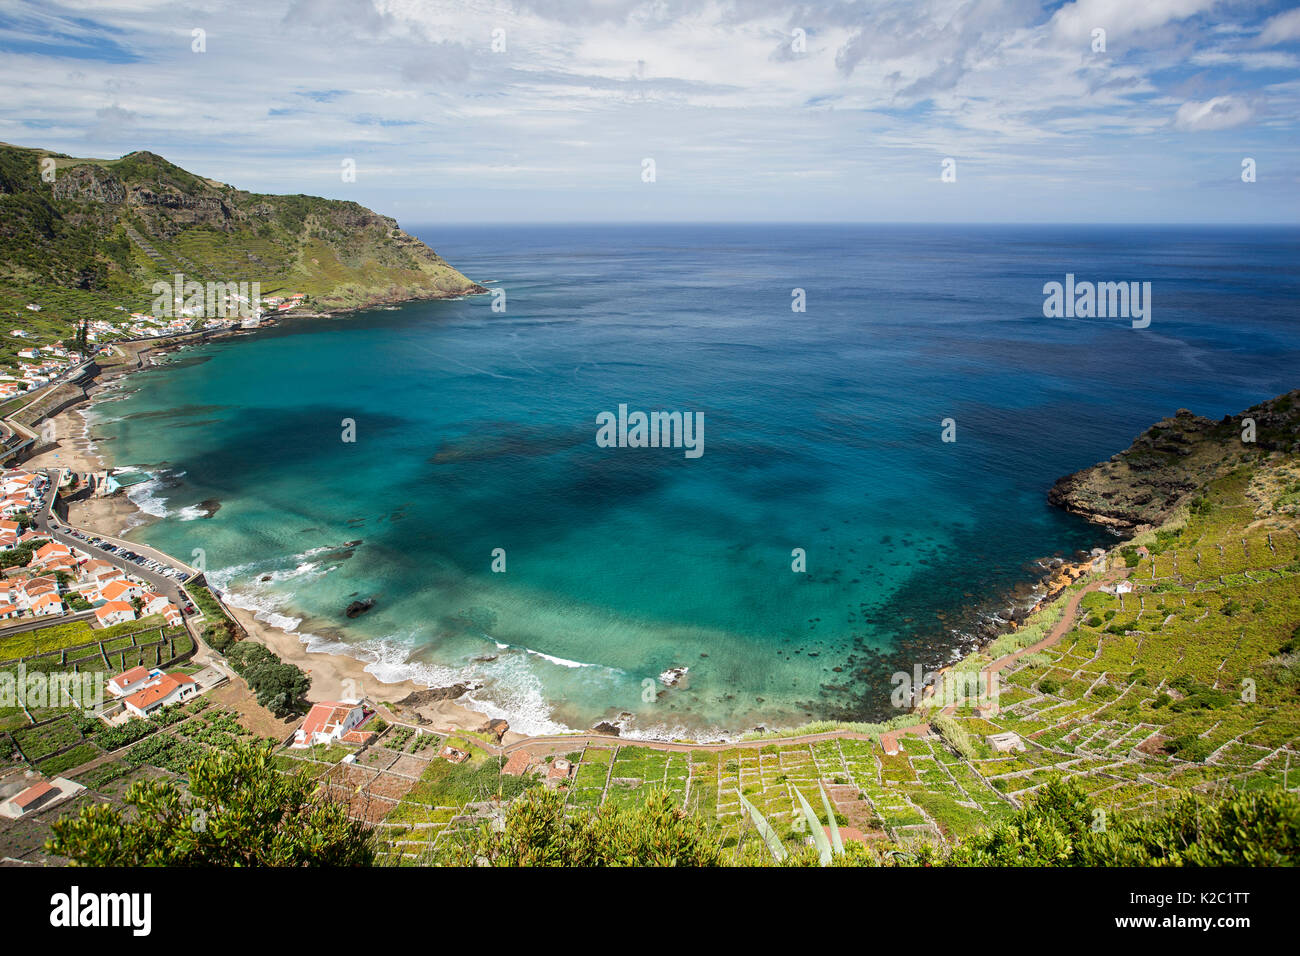 Sao Lourenco Bucht Strand Im Nordosten Der Insel Santa Maria